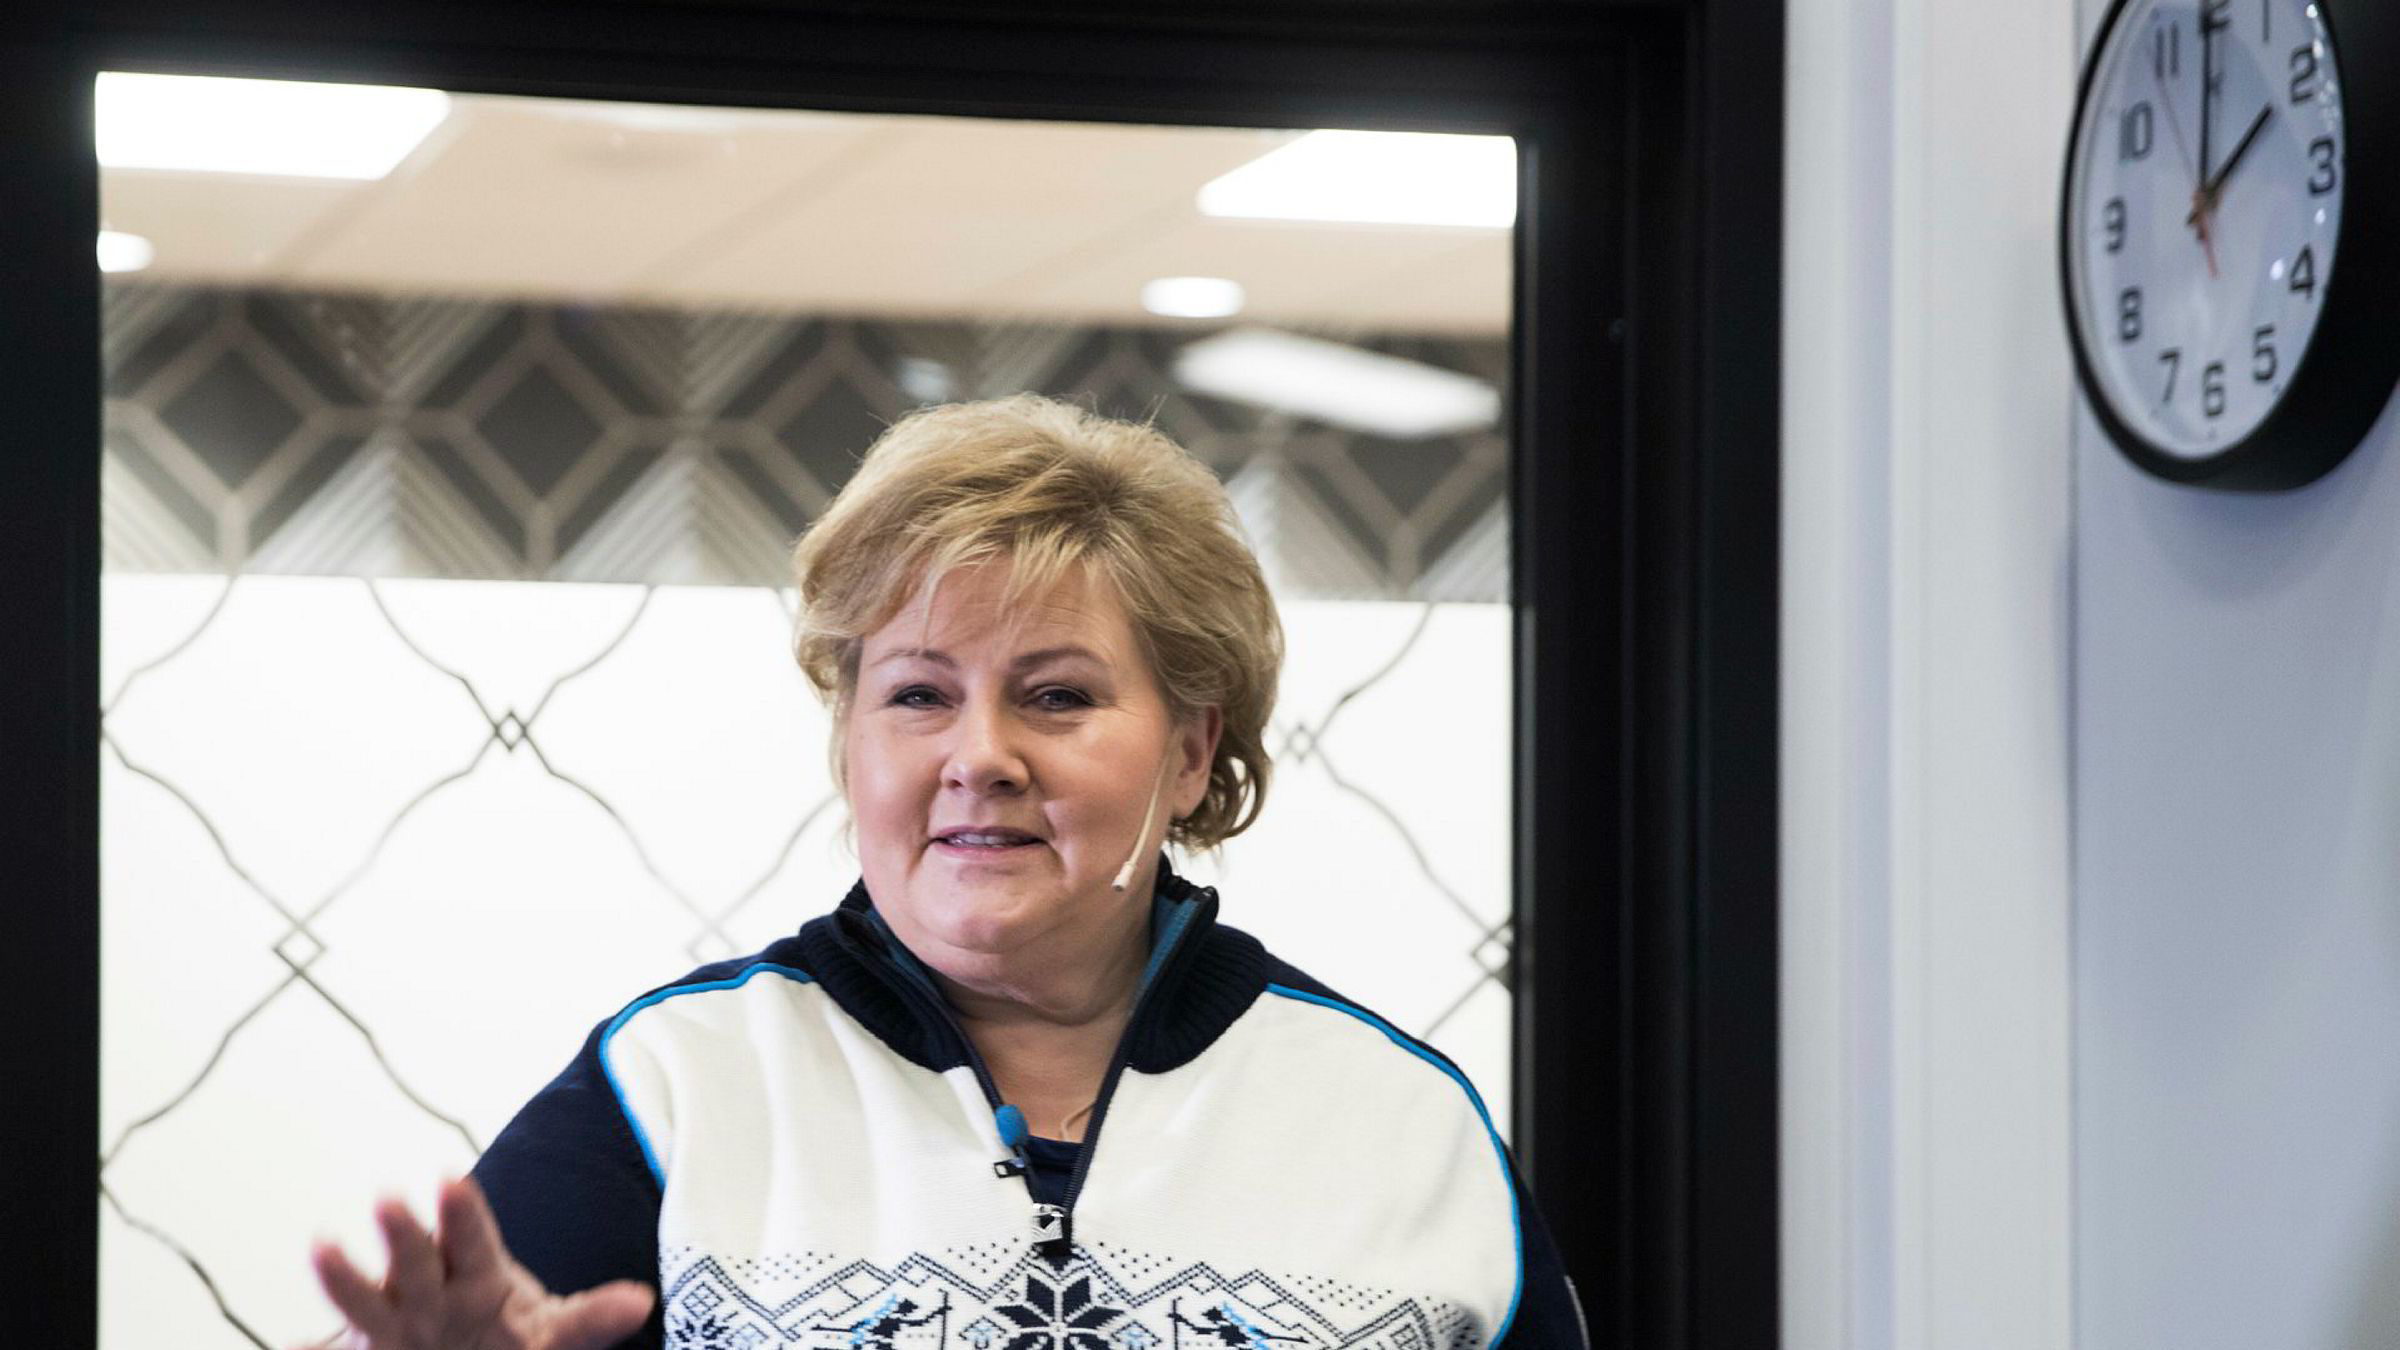 Statsminister Erna Solberg sa til Høyres sentralstyre søndag at hun mener den norske elbilsatsningen er eksempel på vellykket bruk av markedskrefter i det grønne skiftet.